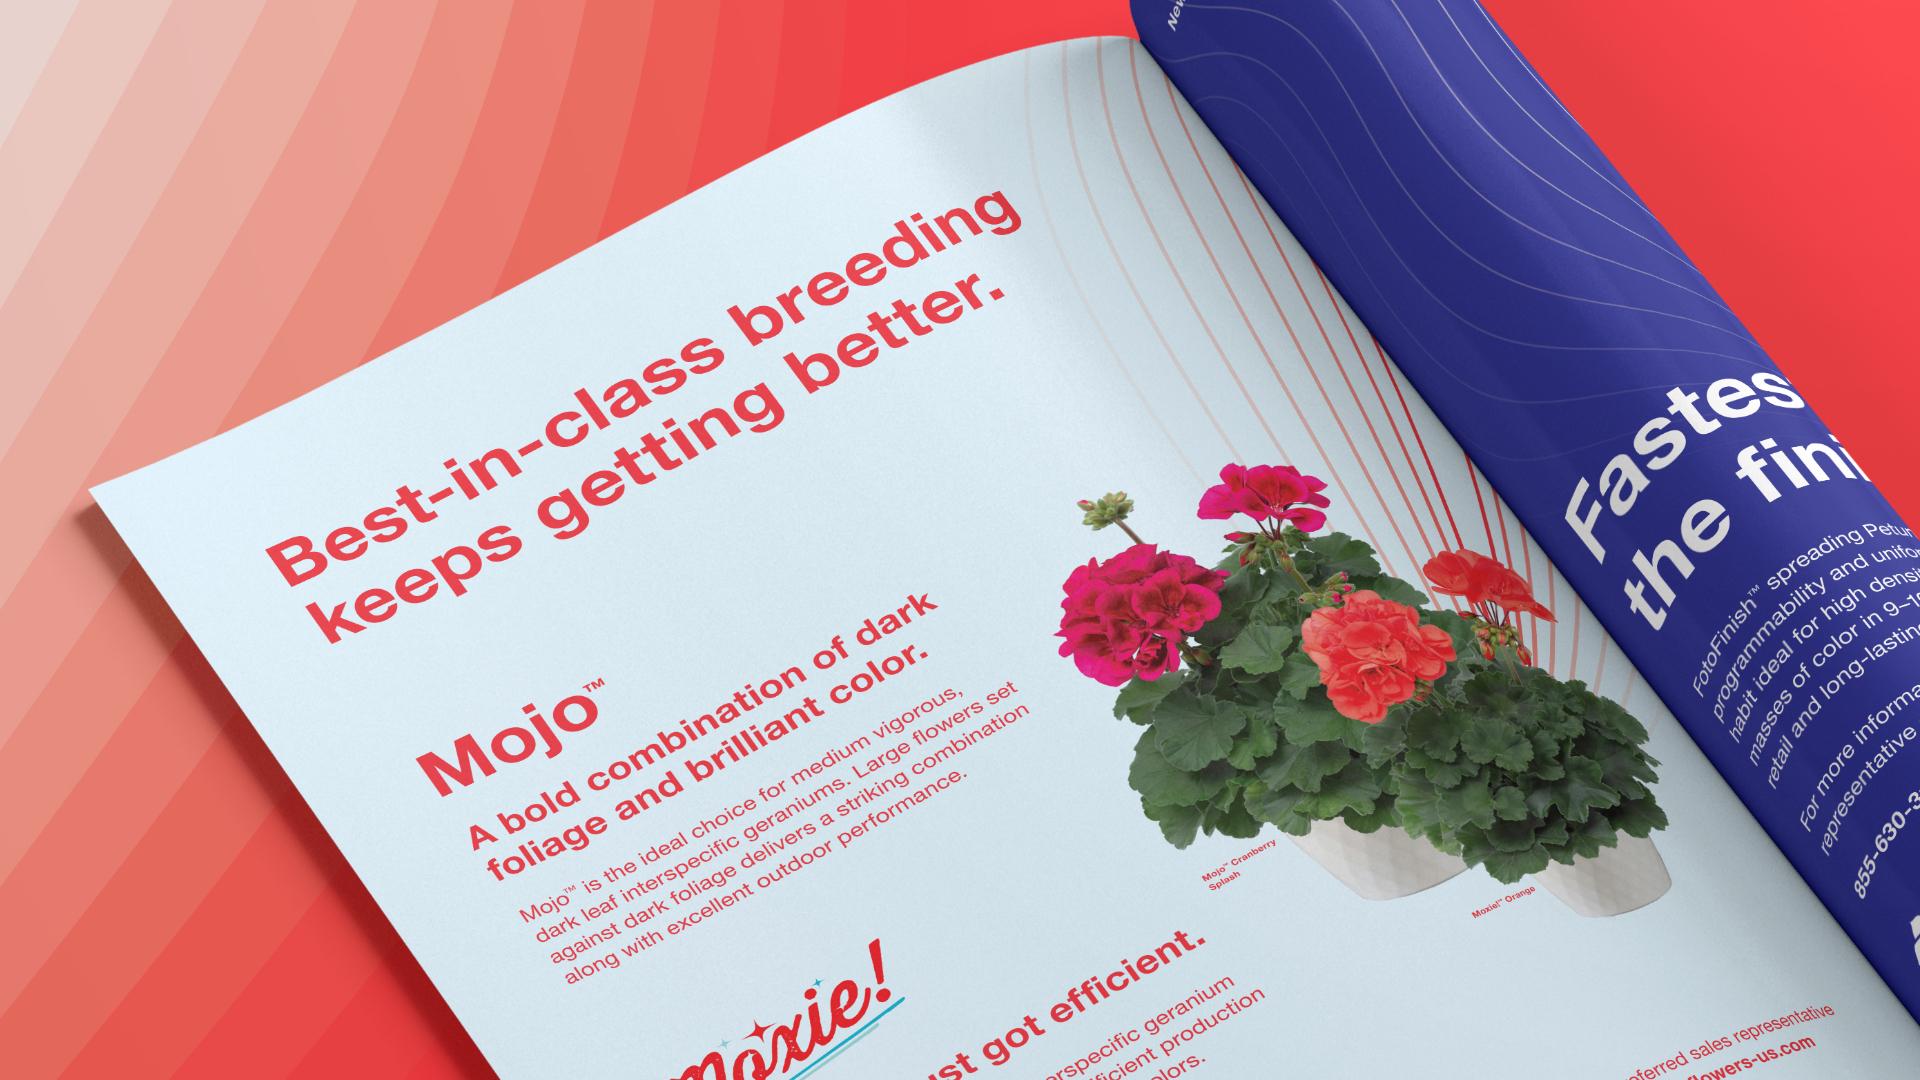 Syngenta Flowers geranium magazine ad